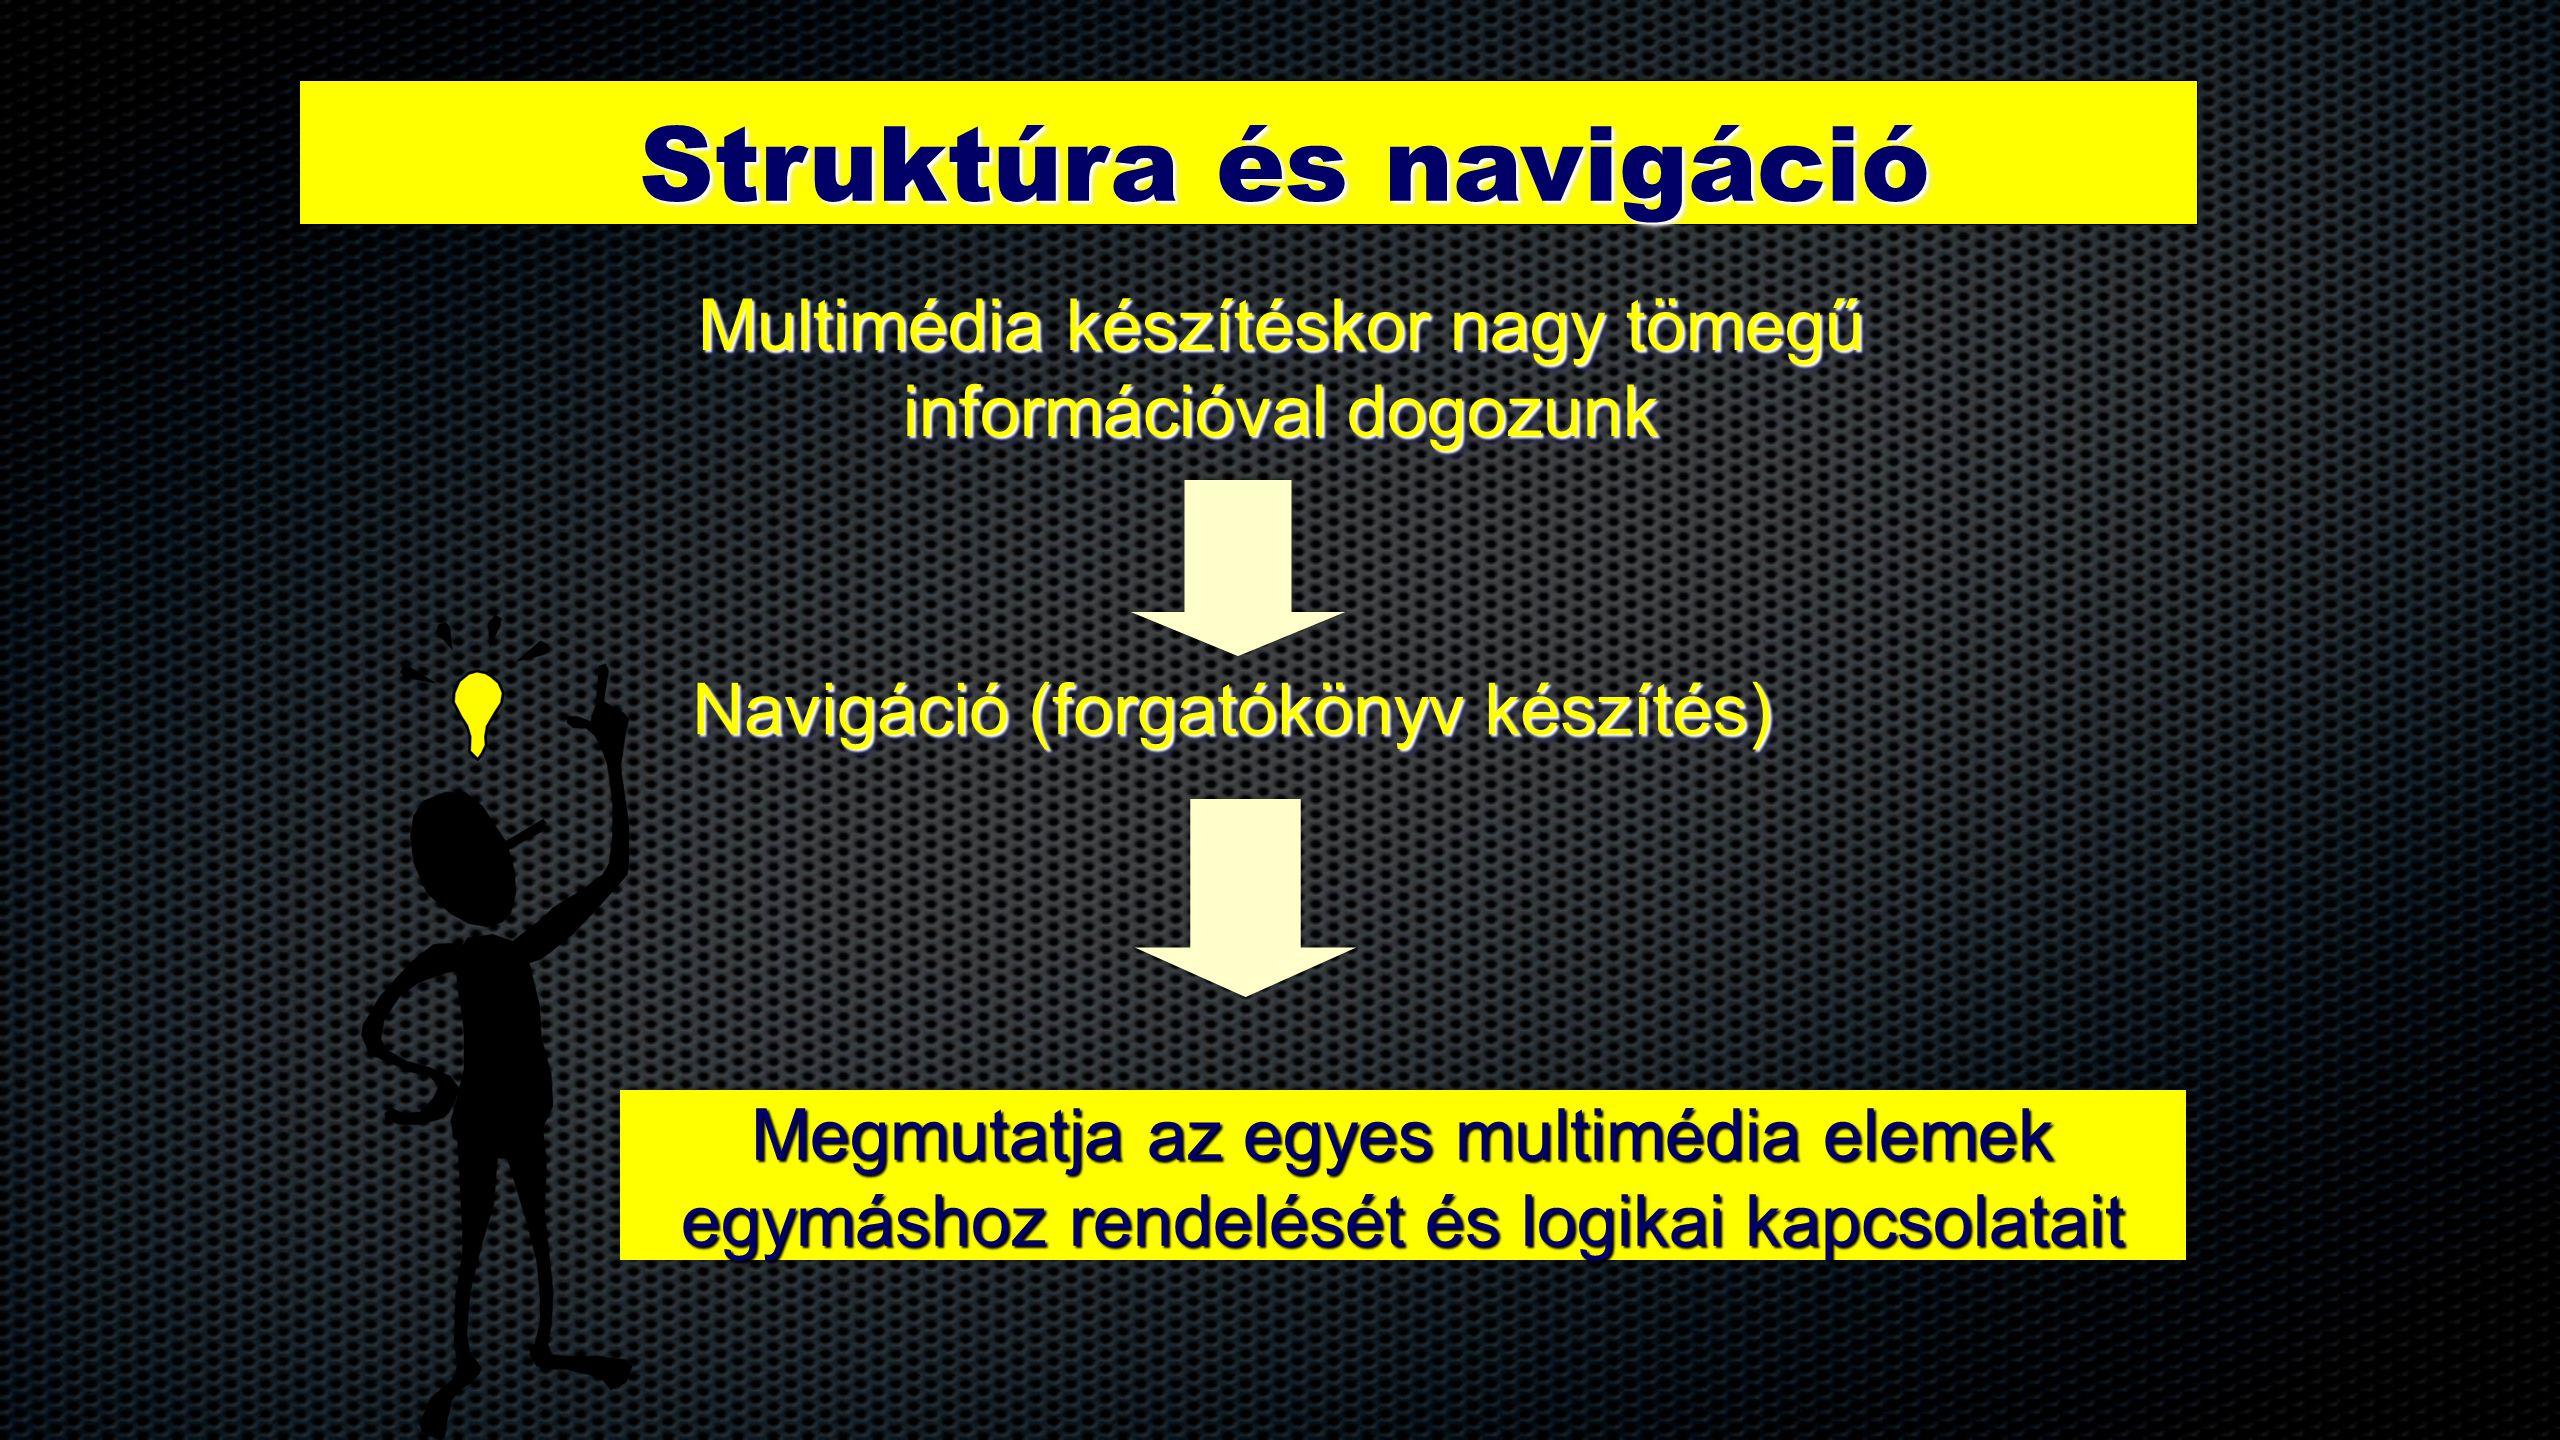 Struktúra és navigáció Multimédia készítéskor nagy tömegű információval dogozunk Multimédia készítéskor nagy tömegű információval dogozunk Navigáció (